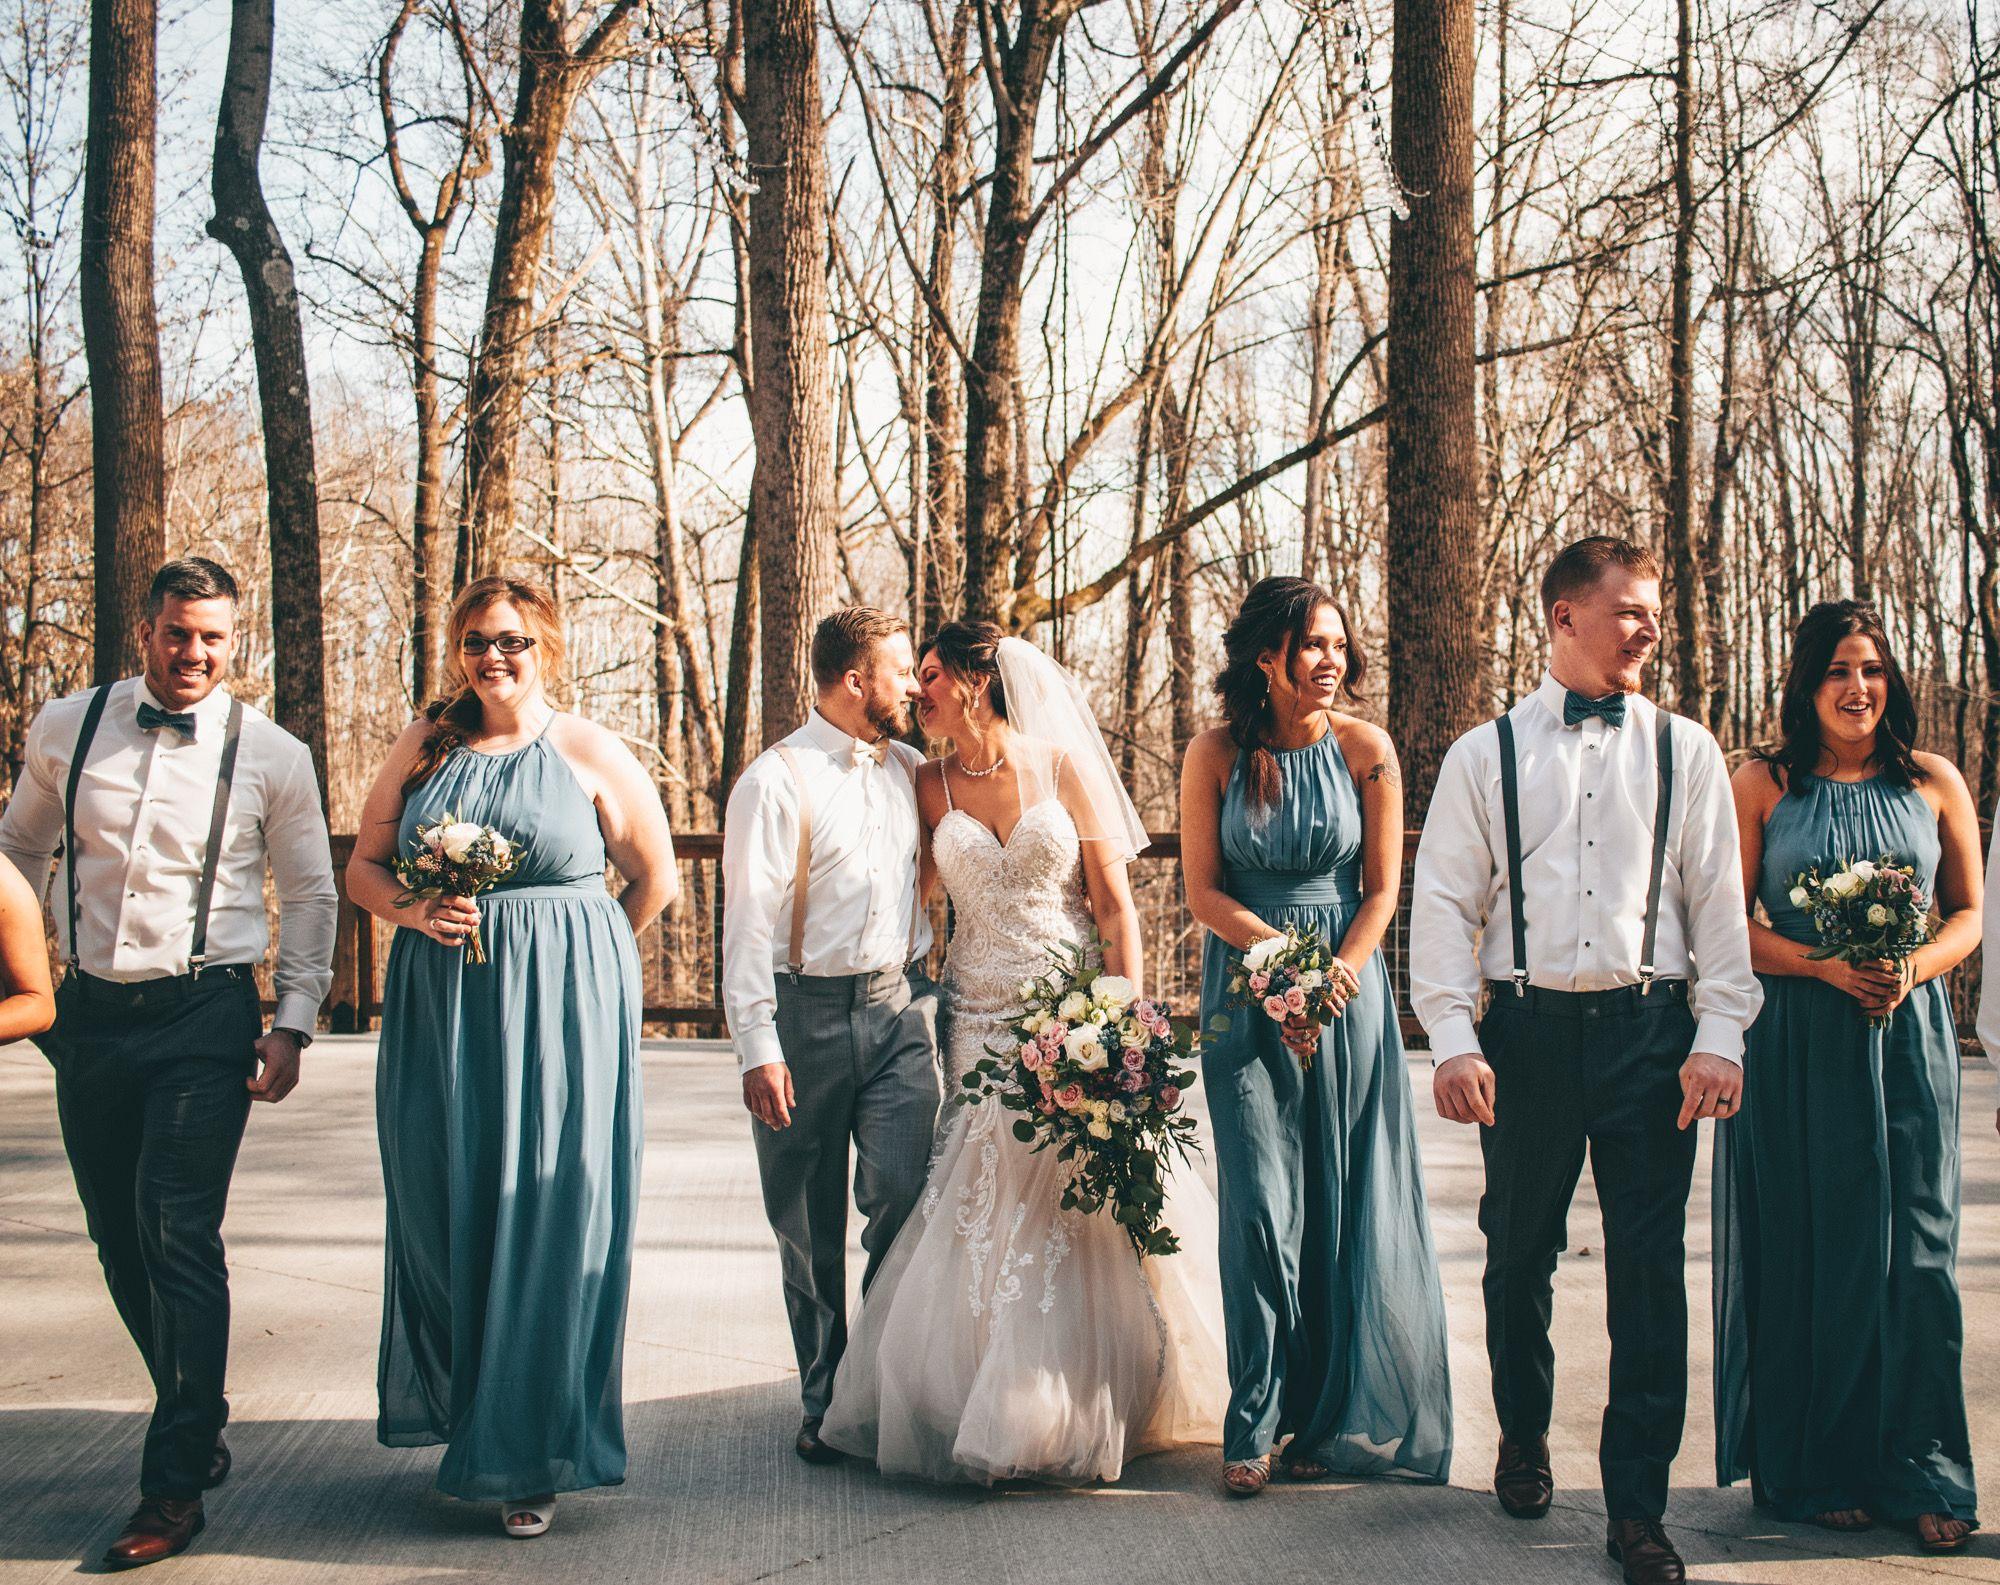 Wedding Party Photos Bridal Party Photos Group Shots Wedding Bridal Party Photos Large Bridal Parties